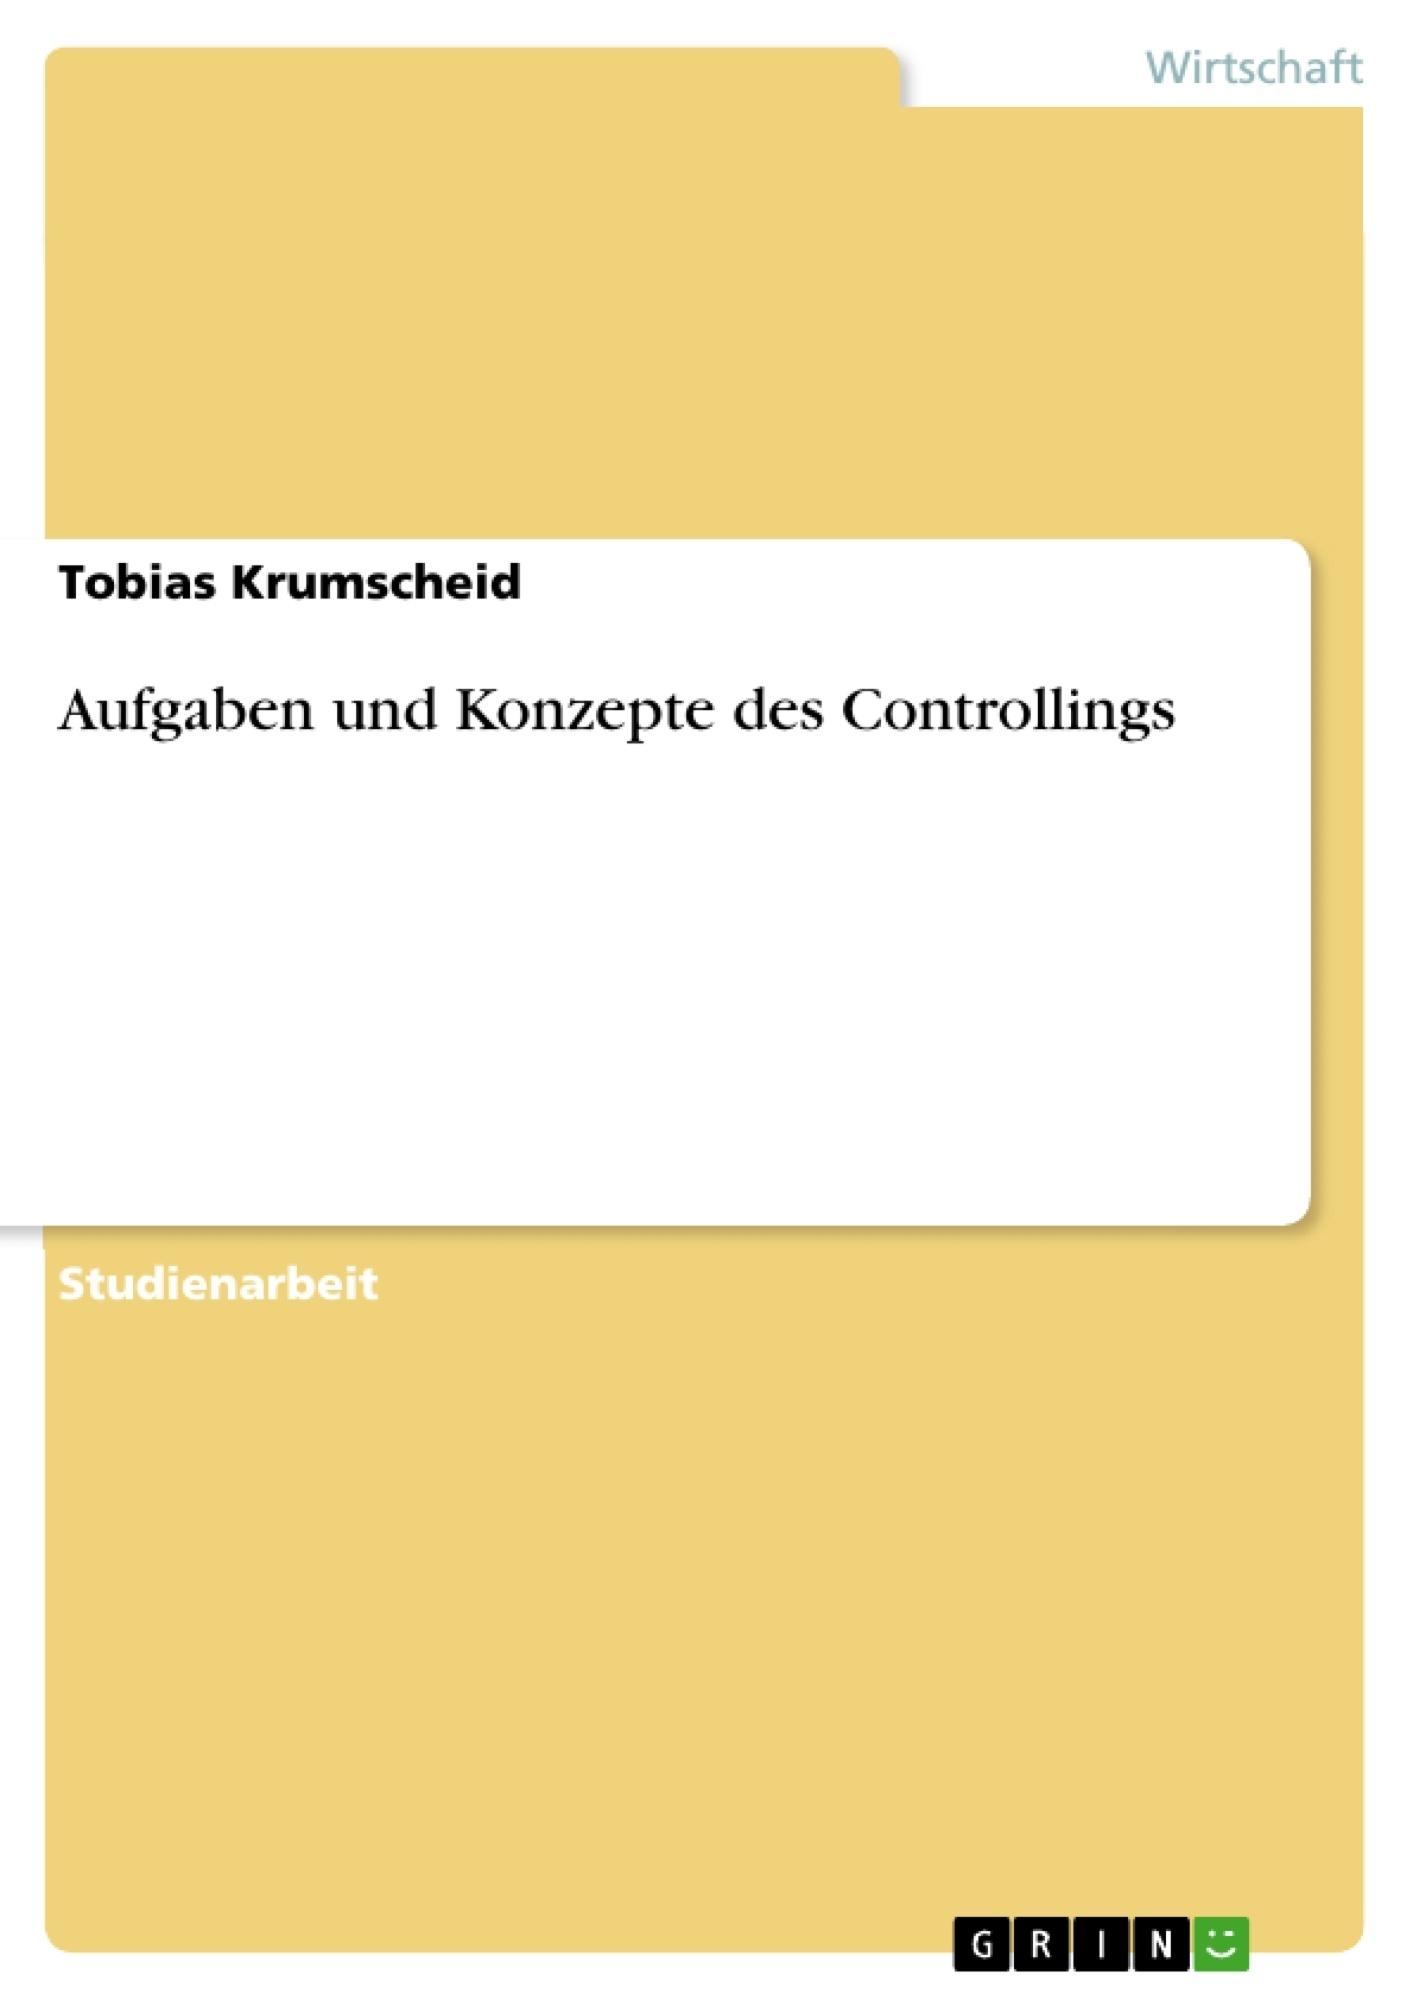 Titel: Aufgaben und Konzepte des Controllings